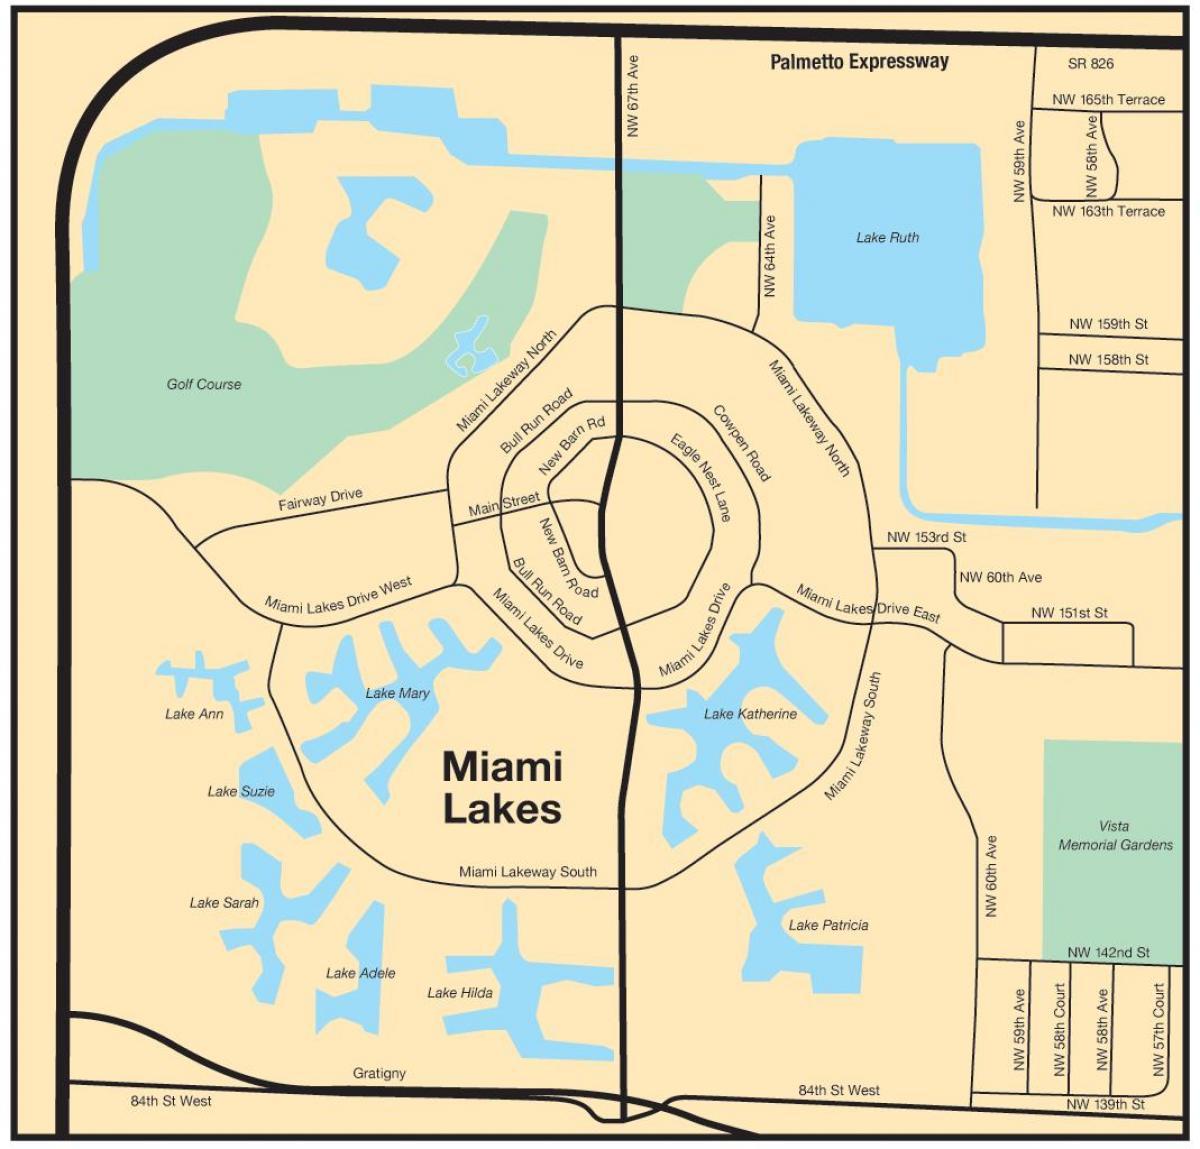 miami térkép Miami lakes térkép   Térkép Miami lakes (Florida USA) miami térkép